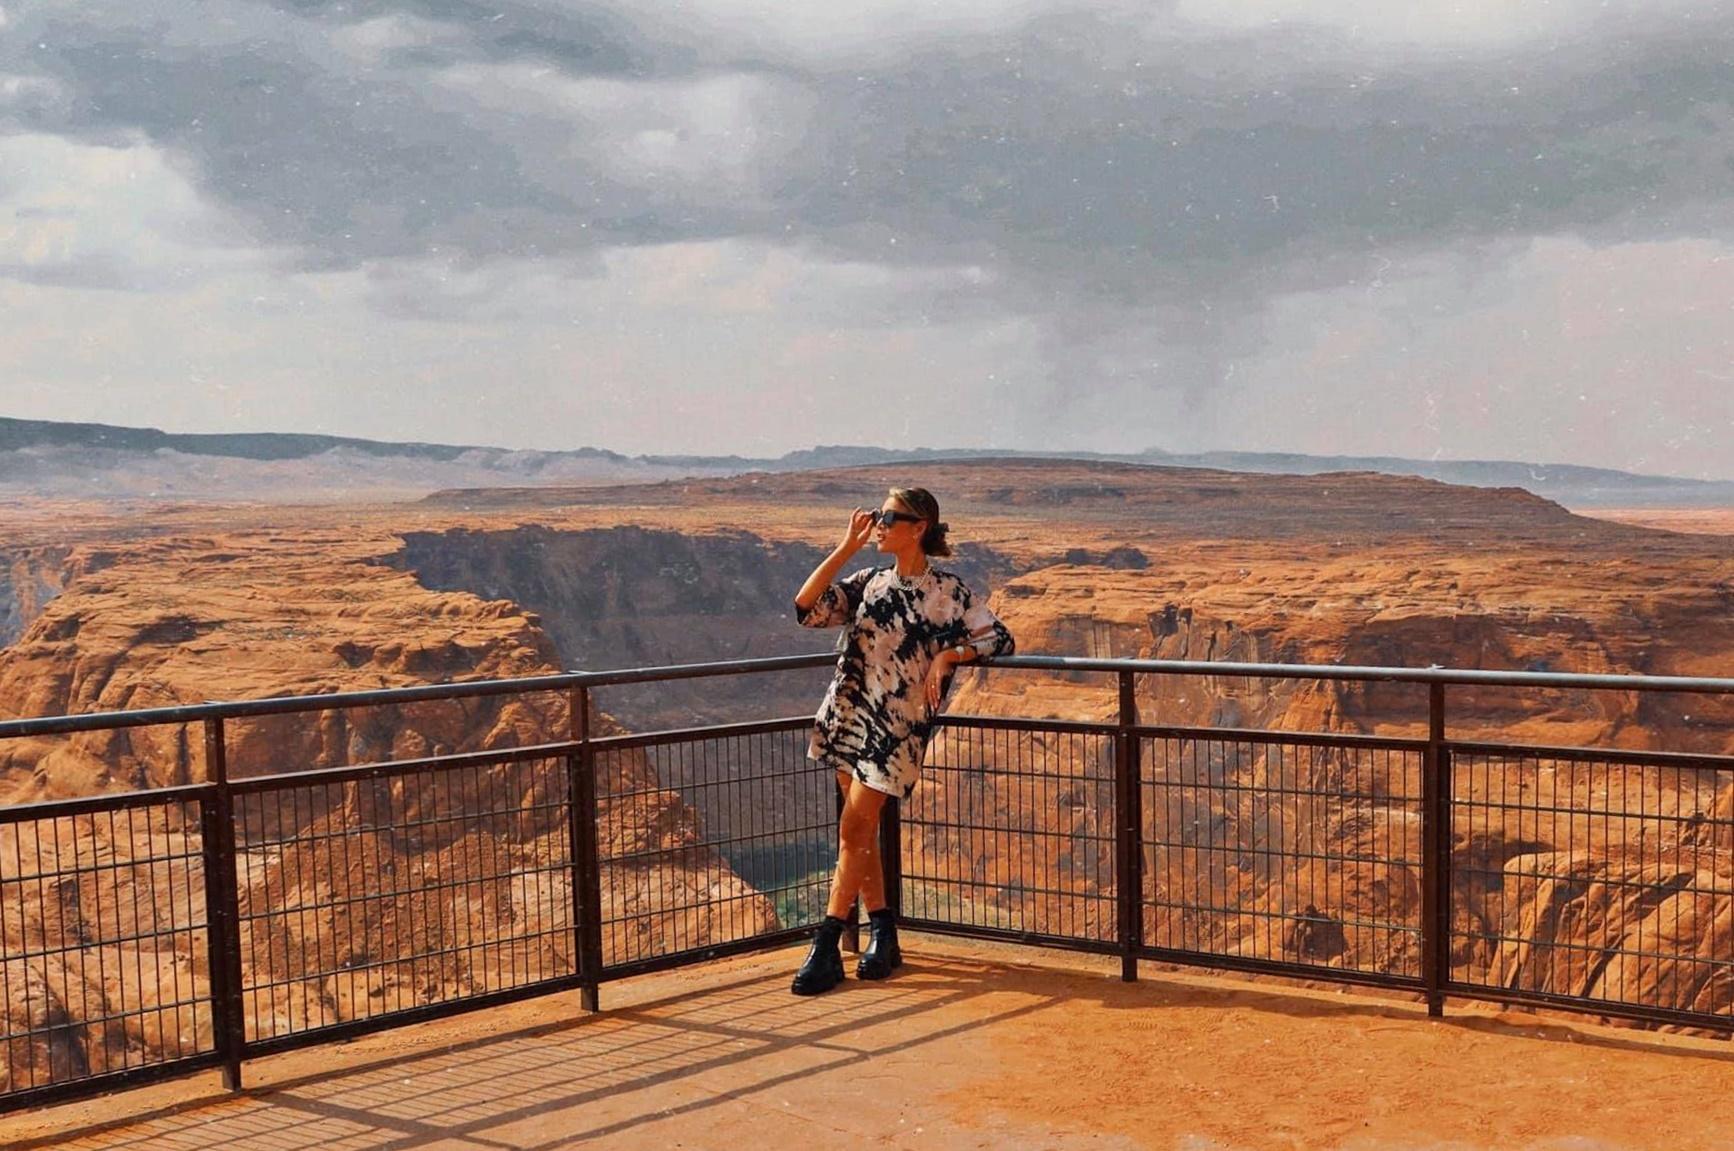 Horseshoe Bend là một khúc quanh co hình móng ngựa, bên dưới là sông Colorado gần thị trấn Page, Arizona. Nó cũng được gọi là vành đai phía đông của Grand Canyon.